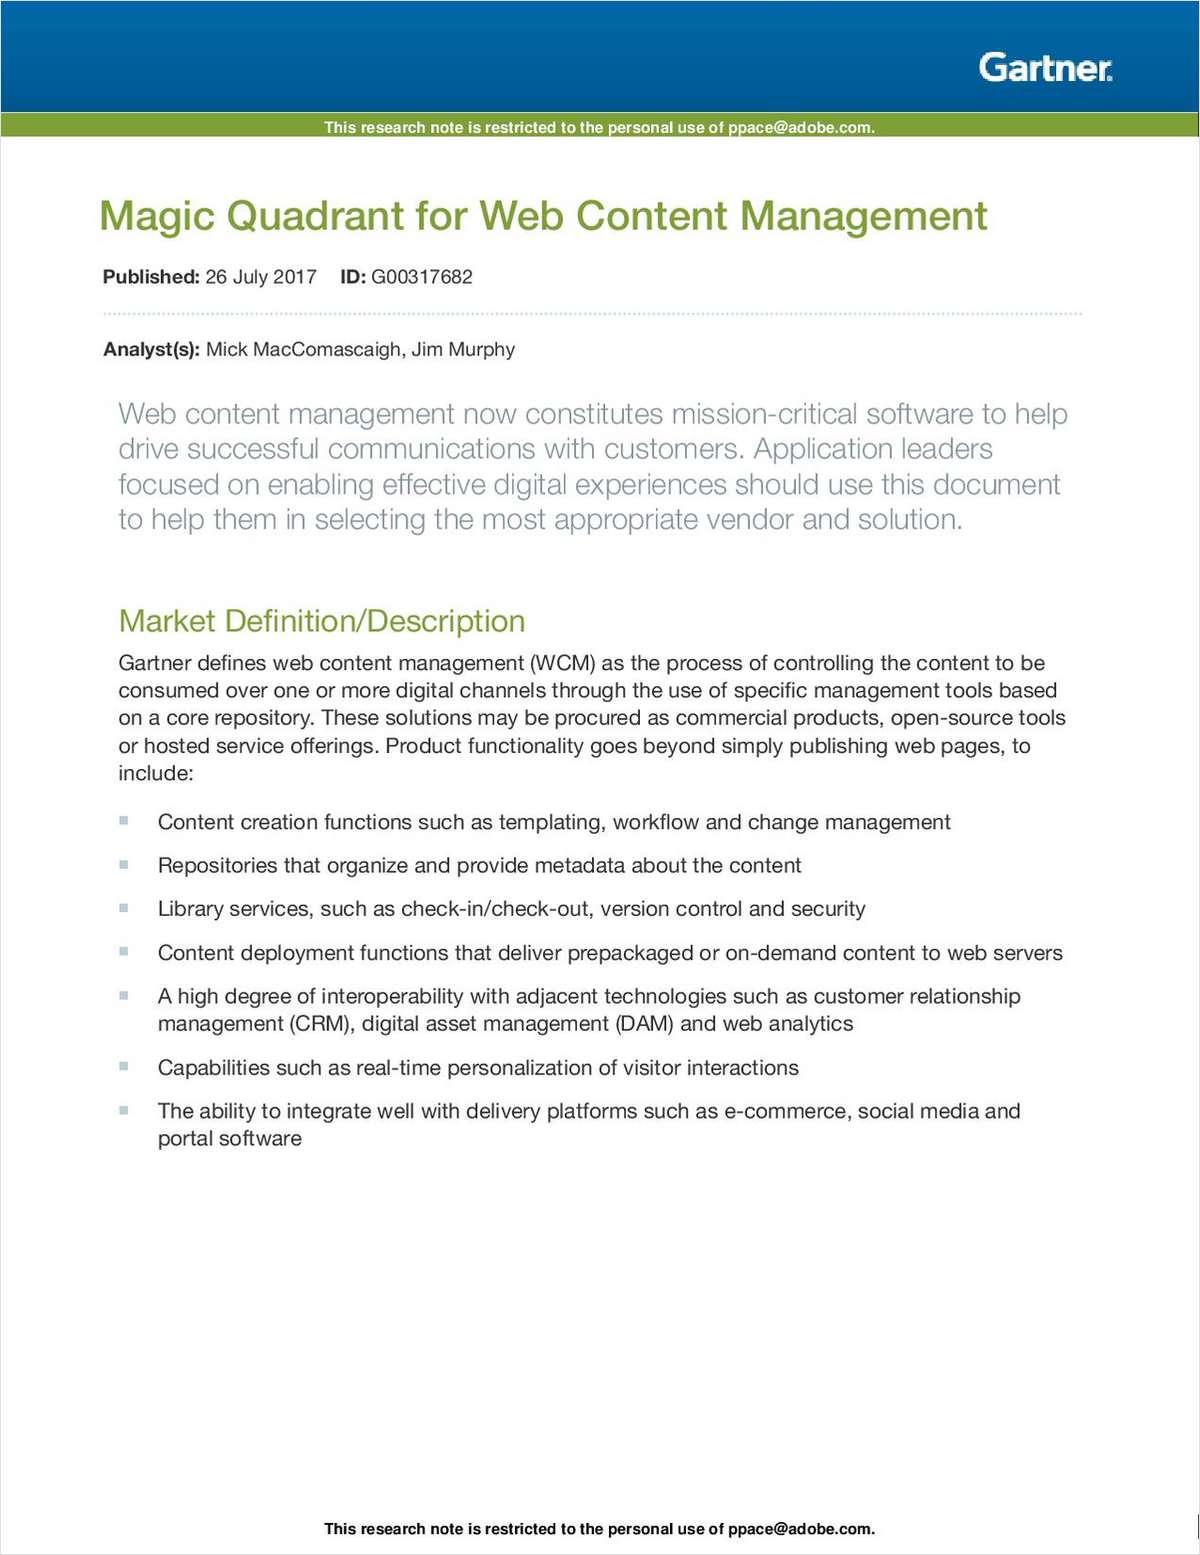 Gartner MQ : Web Content Management